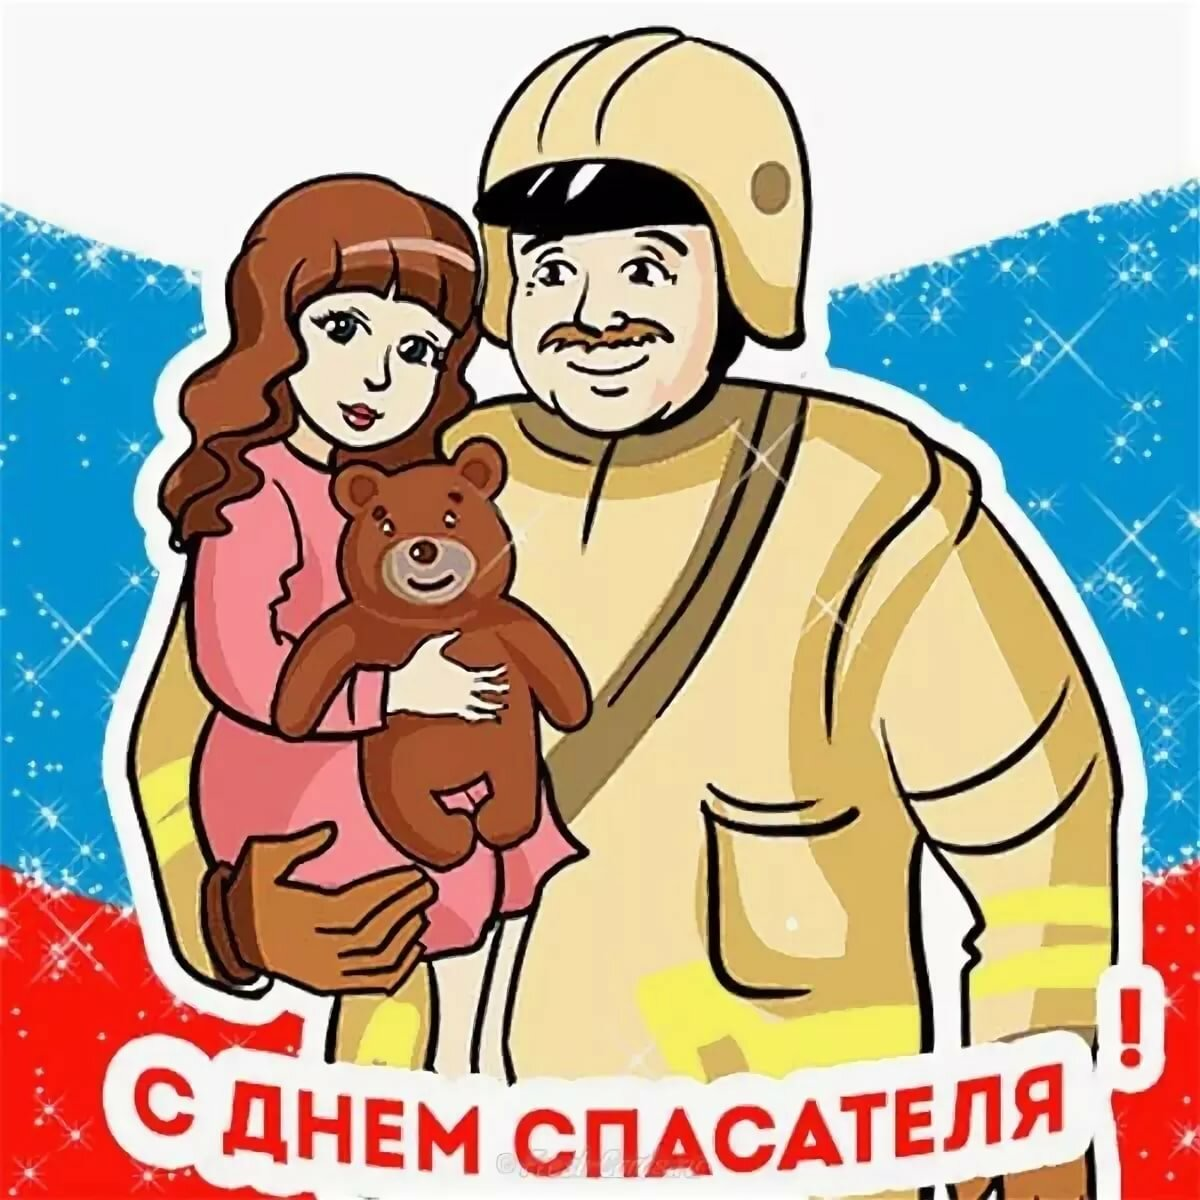 Картинки ко дню мчс россии, ольги поздравления картинки